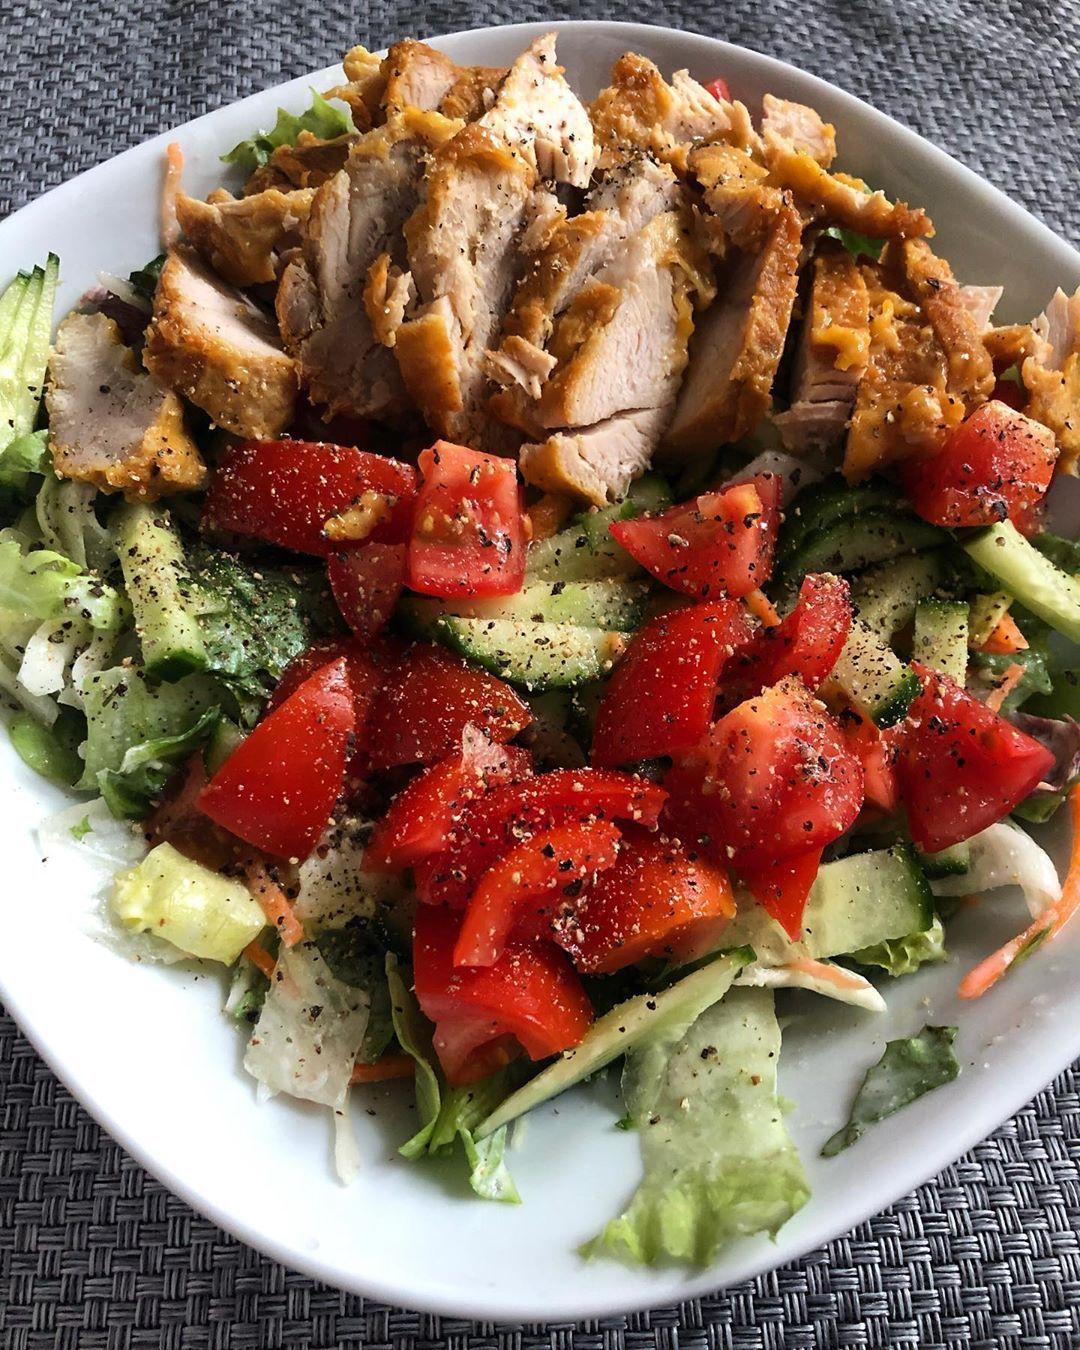 Ganz simples Abendessen; Bunter Salat mit marinierter Hähnchenbrust. 🤤🥰🥗 Nach - mal wieder 🙄😭 - so viel Fresserei ist ein Salat genau das richtige! 💪🏼 Ich hab's seit Donnerstag leider wieder etwas eskalieren lassen .. aber abgerechnet wird ja am Wiegetag - & Anfang November am Strand. 😂🤭 Habt einen schönen Abend ihr Lieben. ☺️